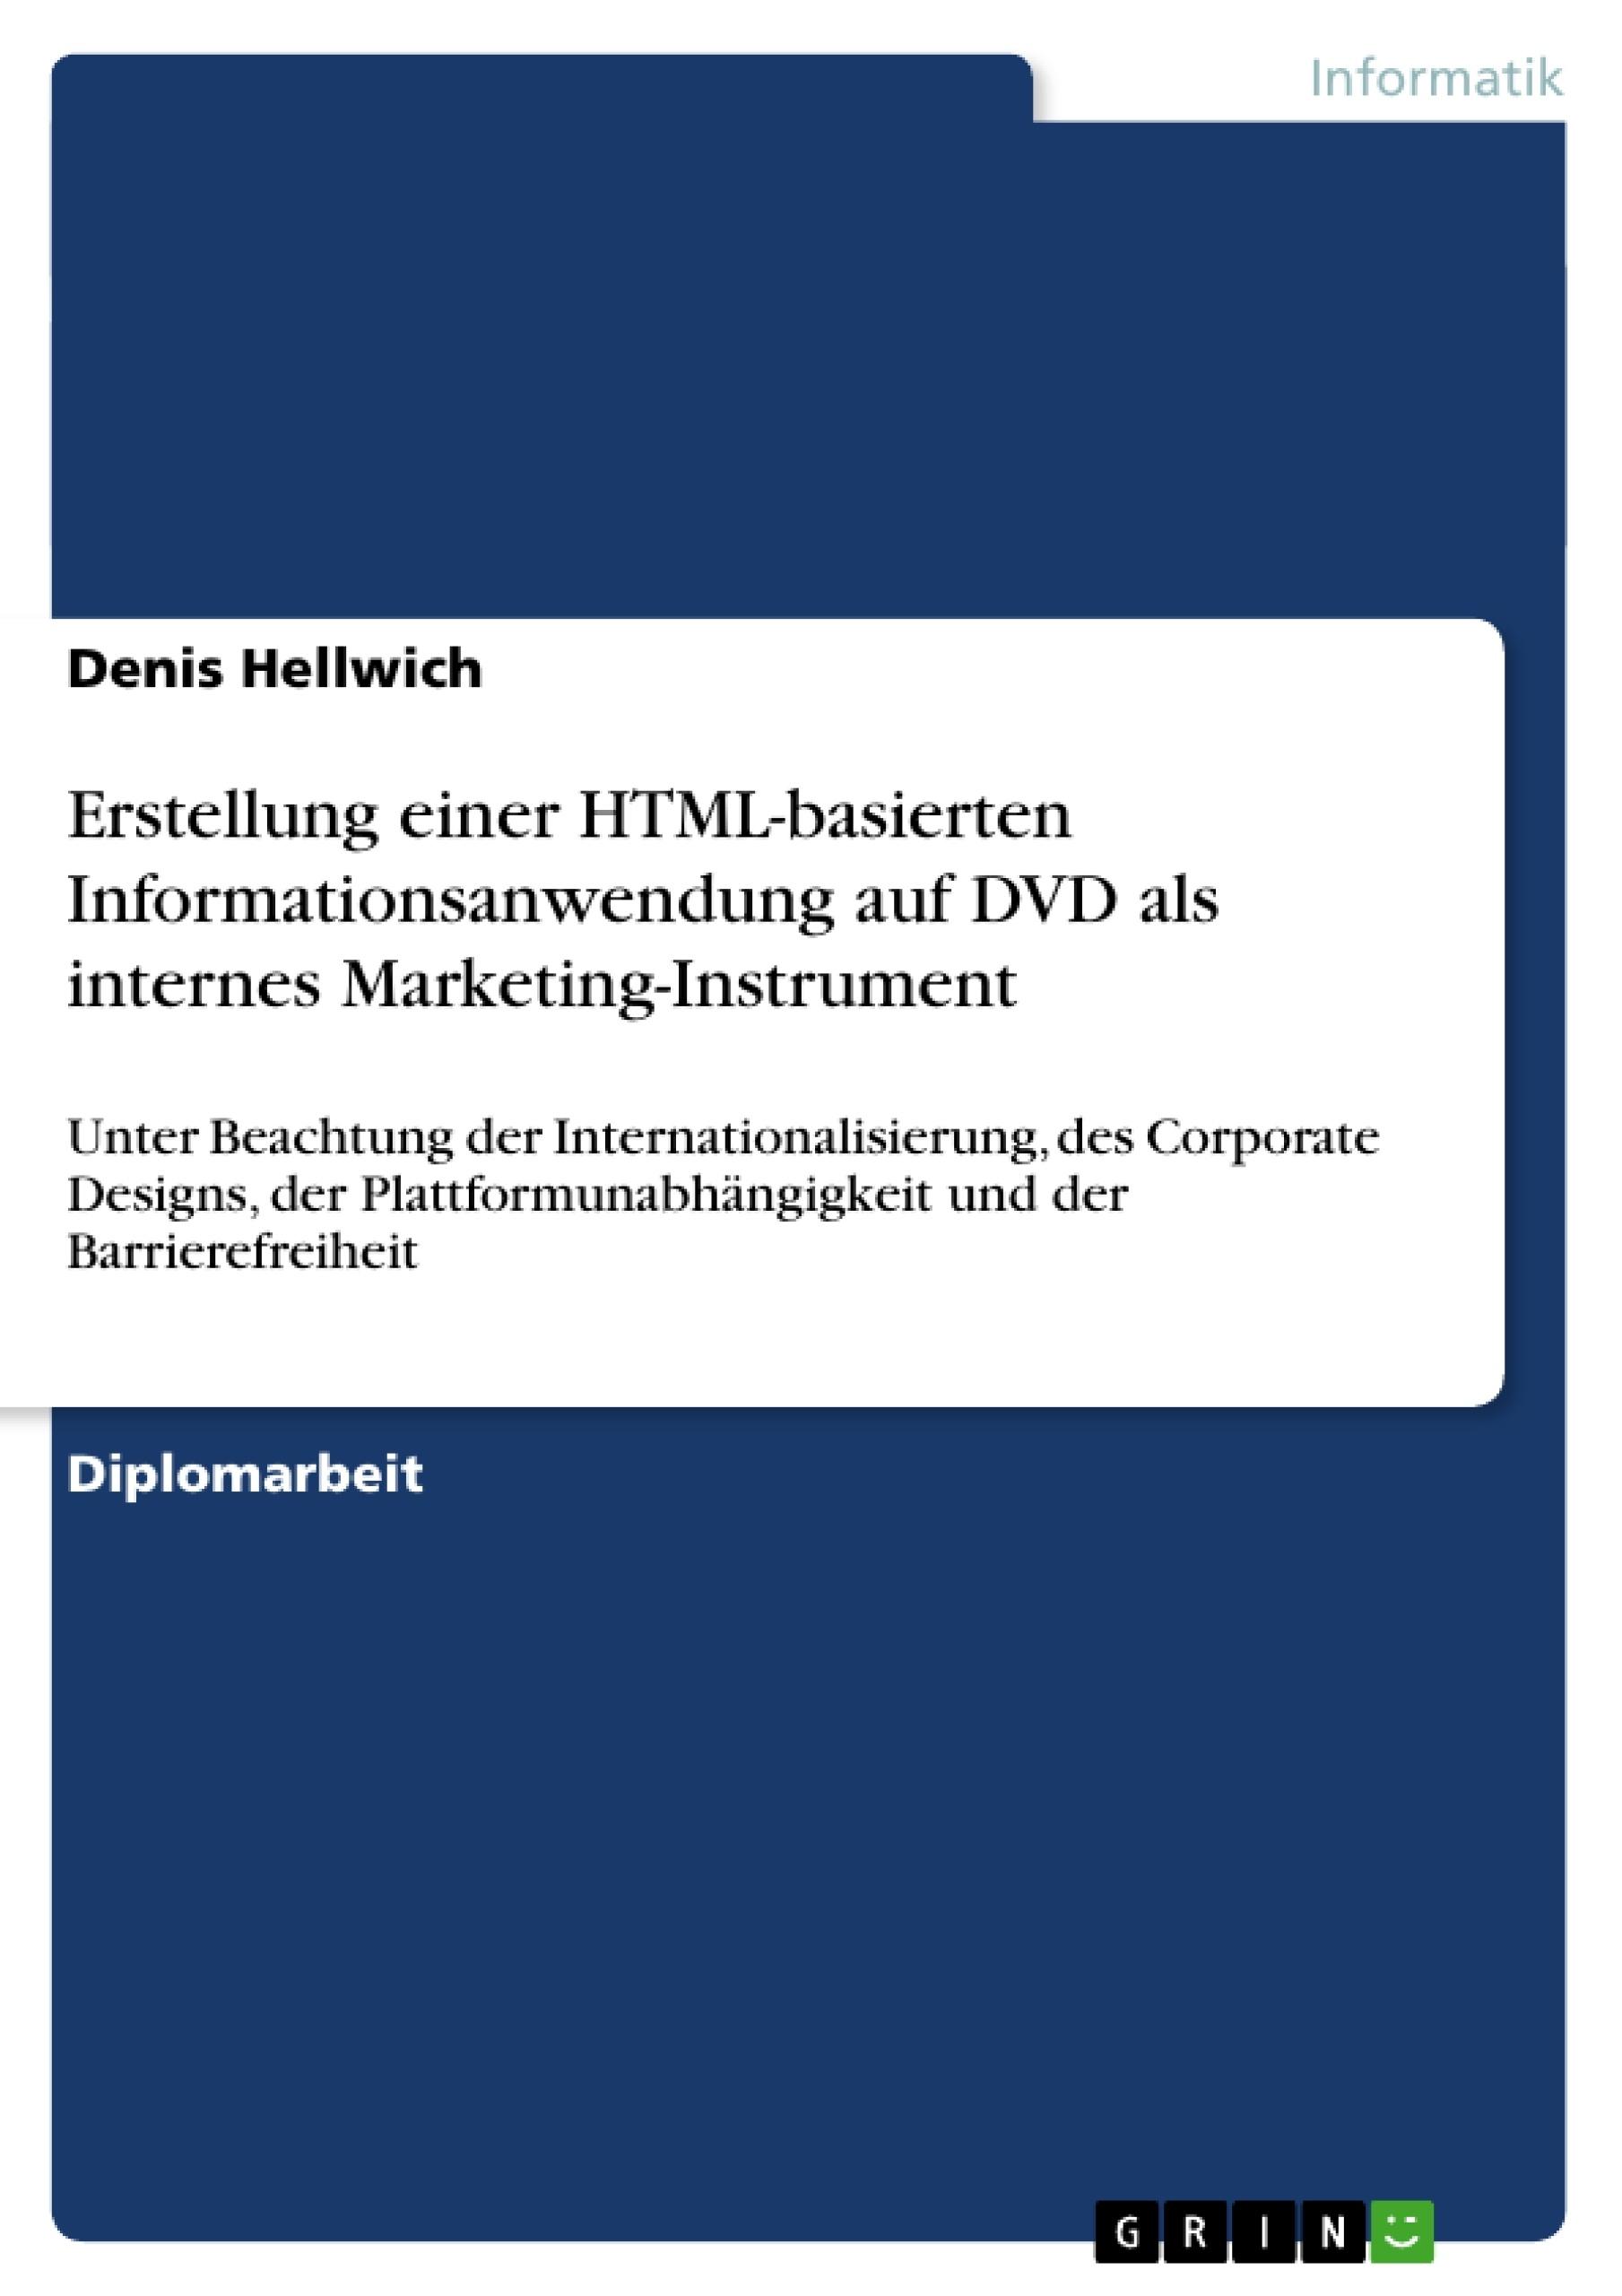 Titel: Erstellung einer HTML-basierten Informationsanwendung auf DVD als internes Marketing-Instrument